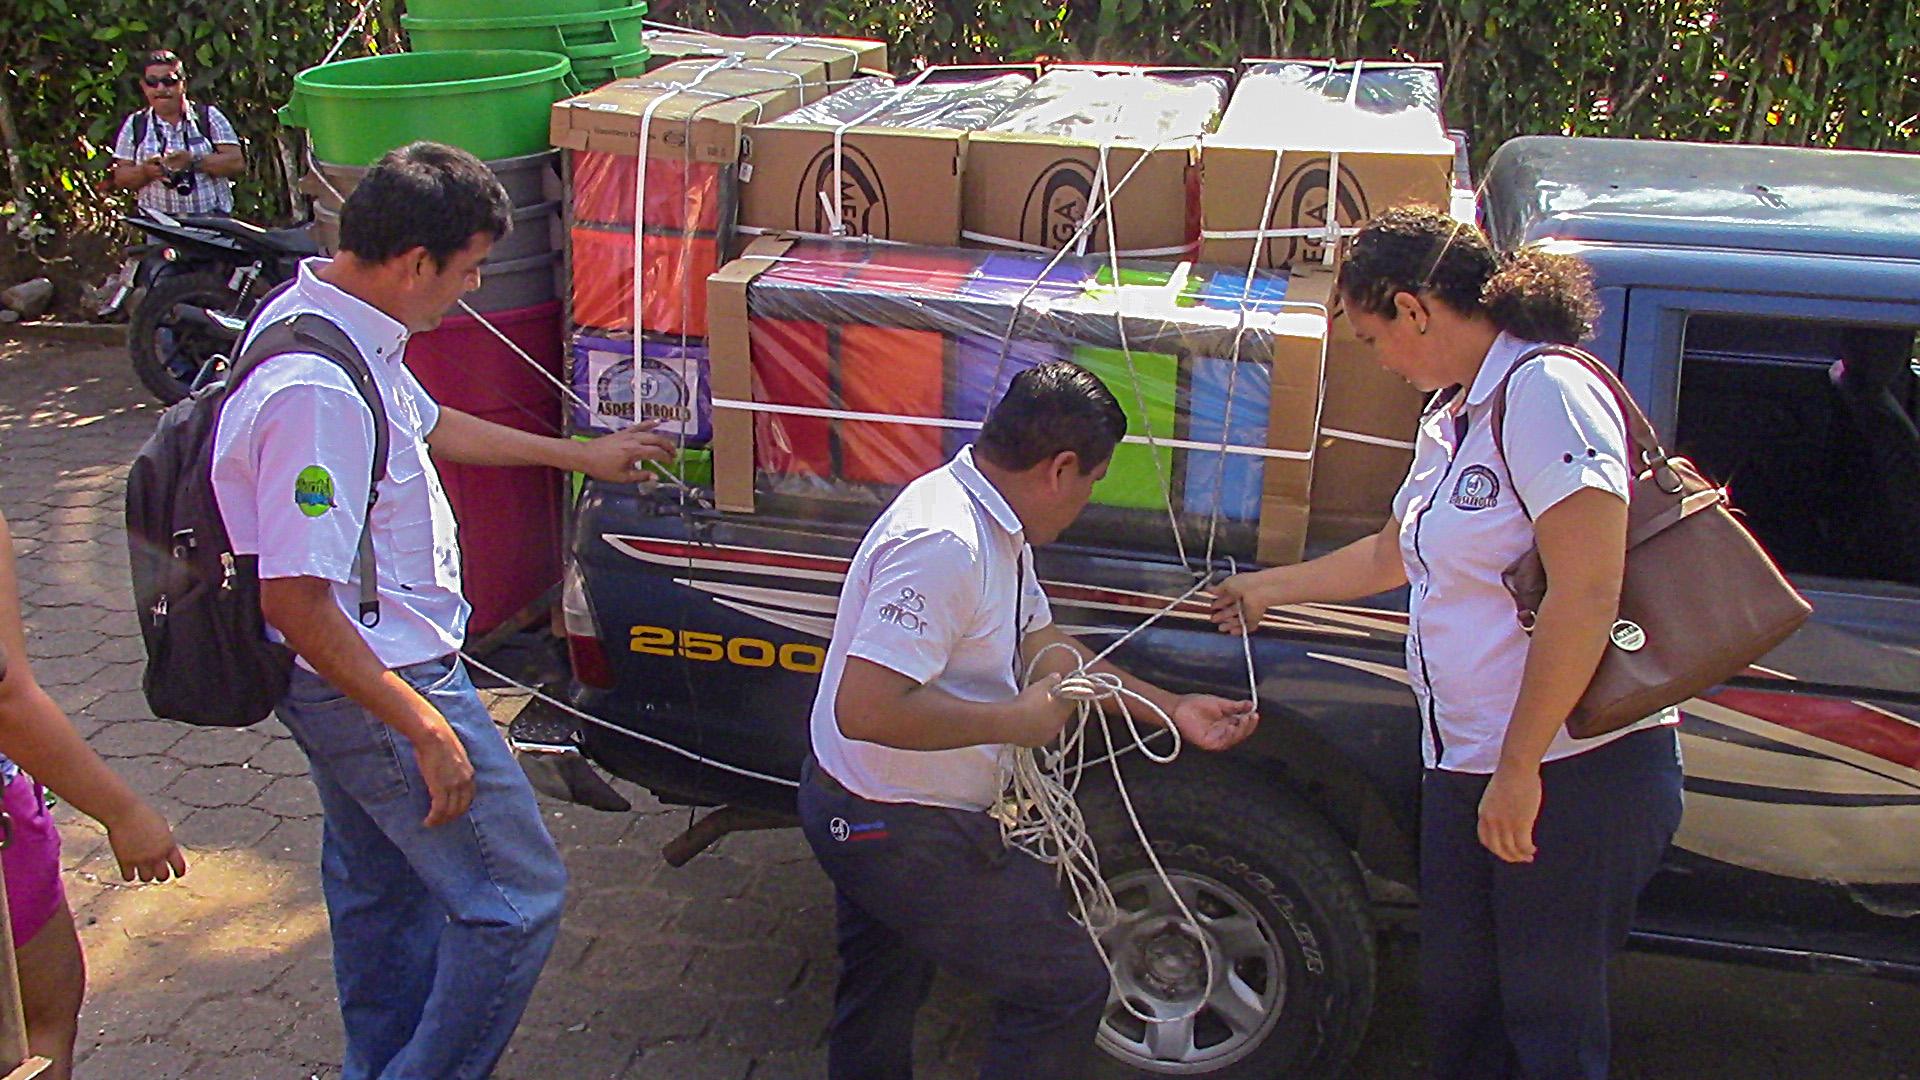 Parte de la donación que recibieron estudiantes de San Felipe, Retalhuleu. (Foto Prensa Libre: Esaú Colomo).